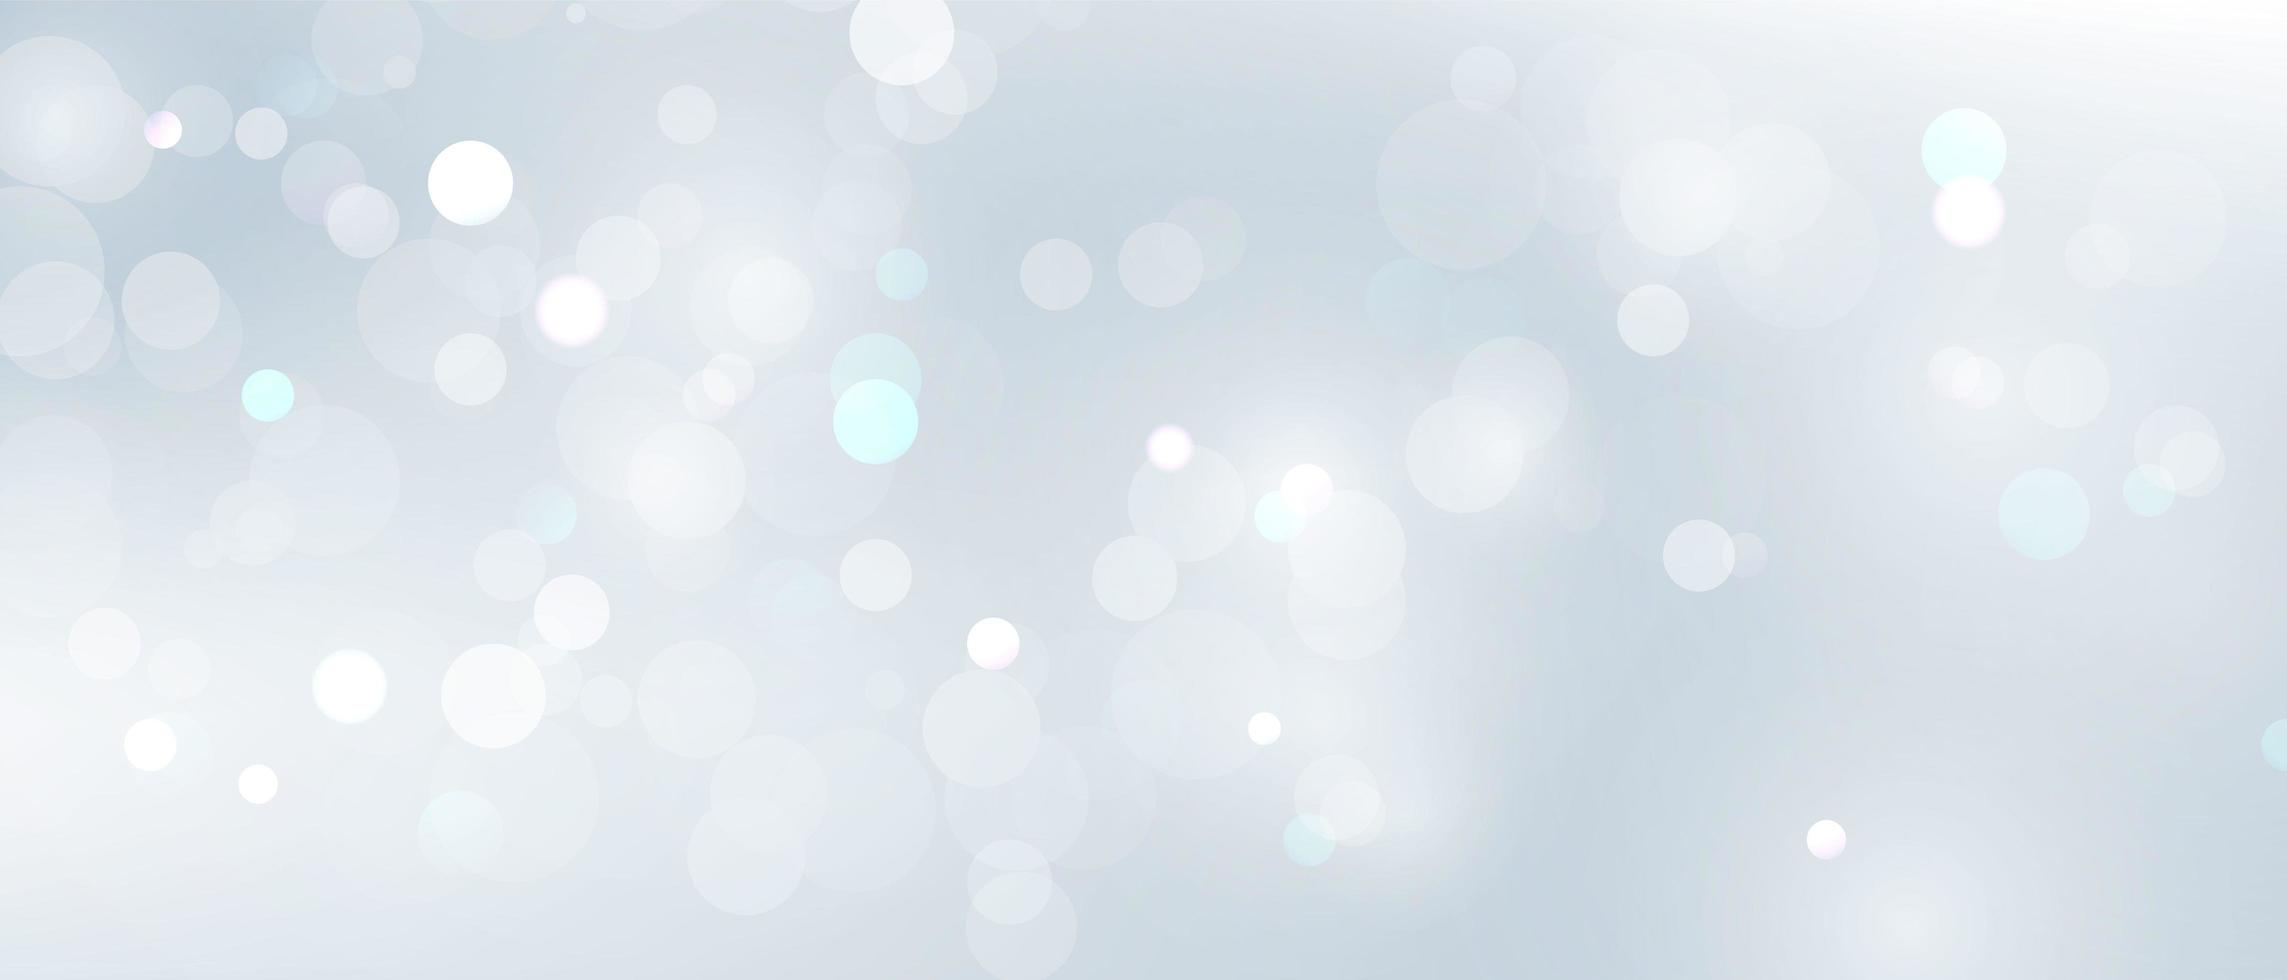 elemento de luz borrosa abstracta que se puede utilizar para la decoración de la cubierta de fondo bokeh vector